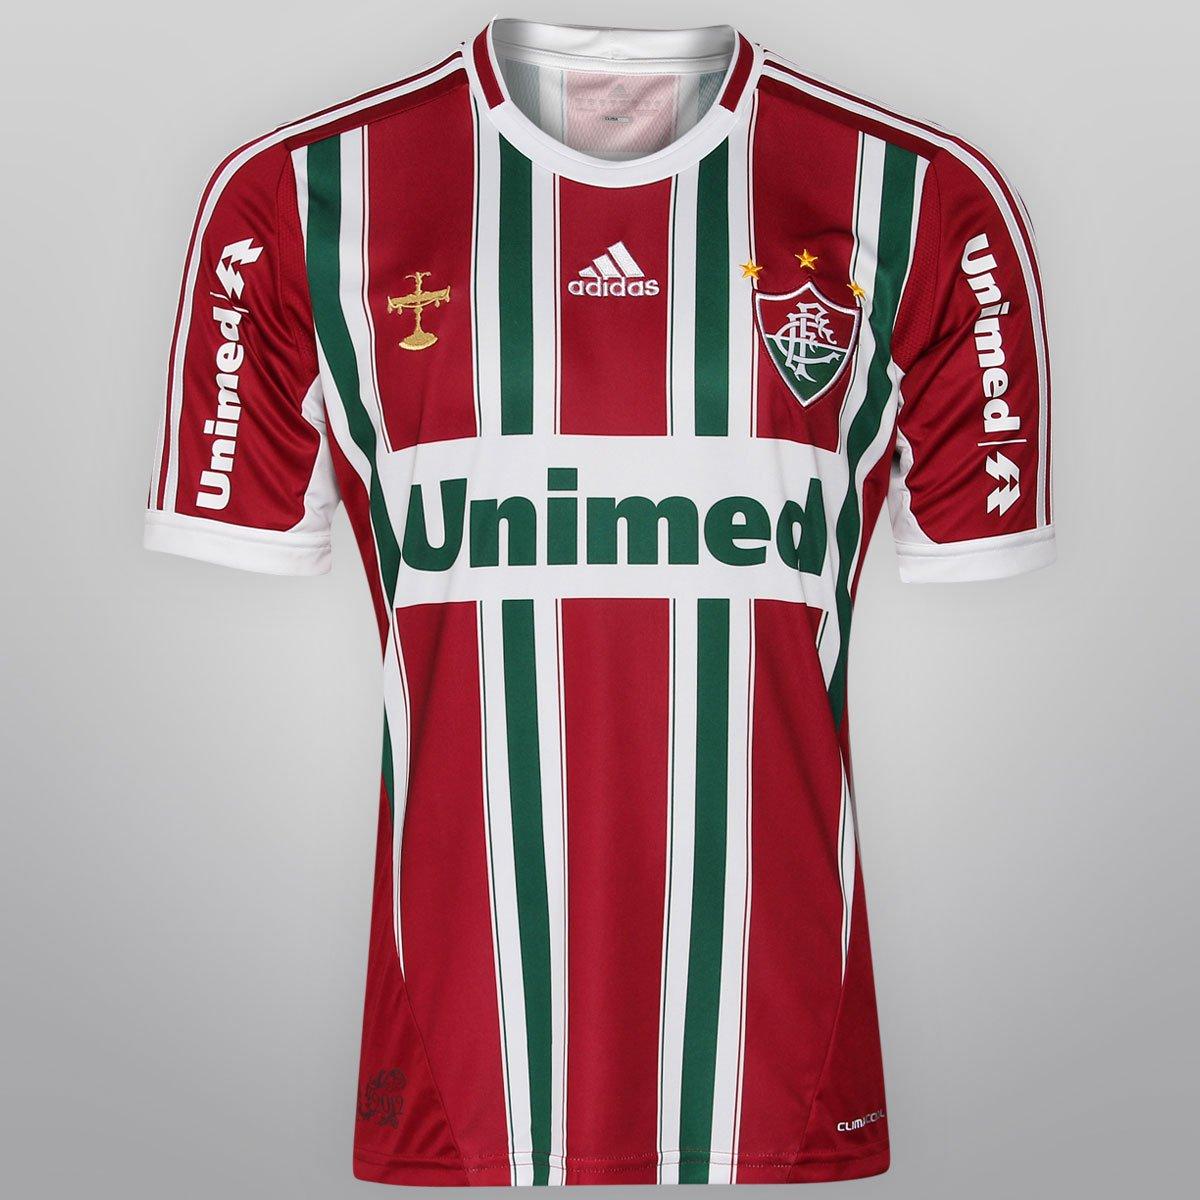 4269ec27874c7 Camisa Adidas Fluminense IV 12 13 s nº - Compre Agora